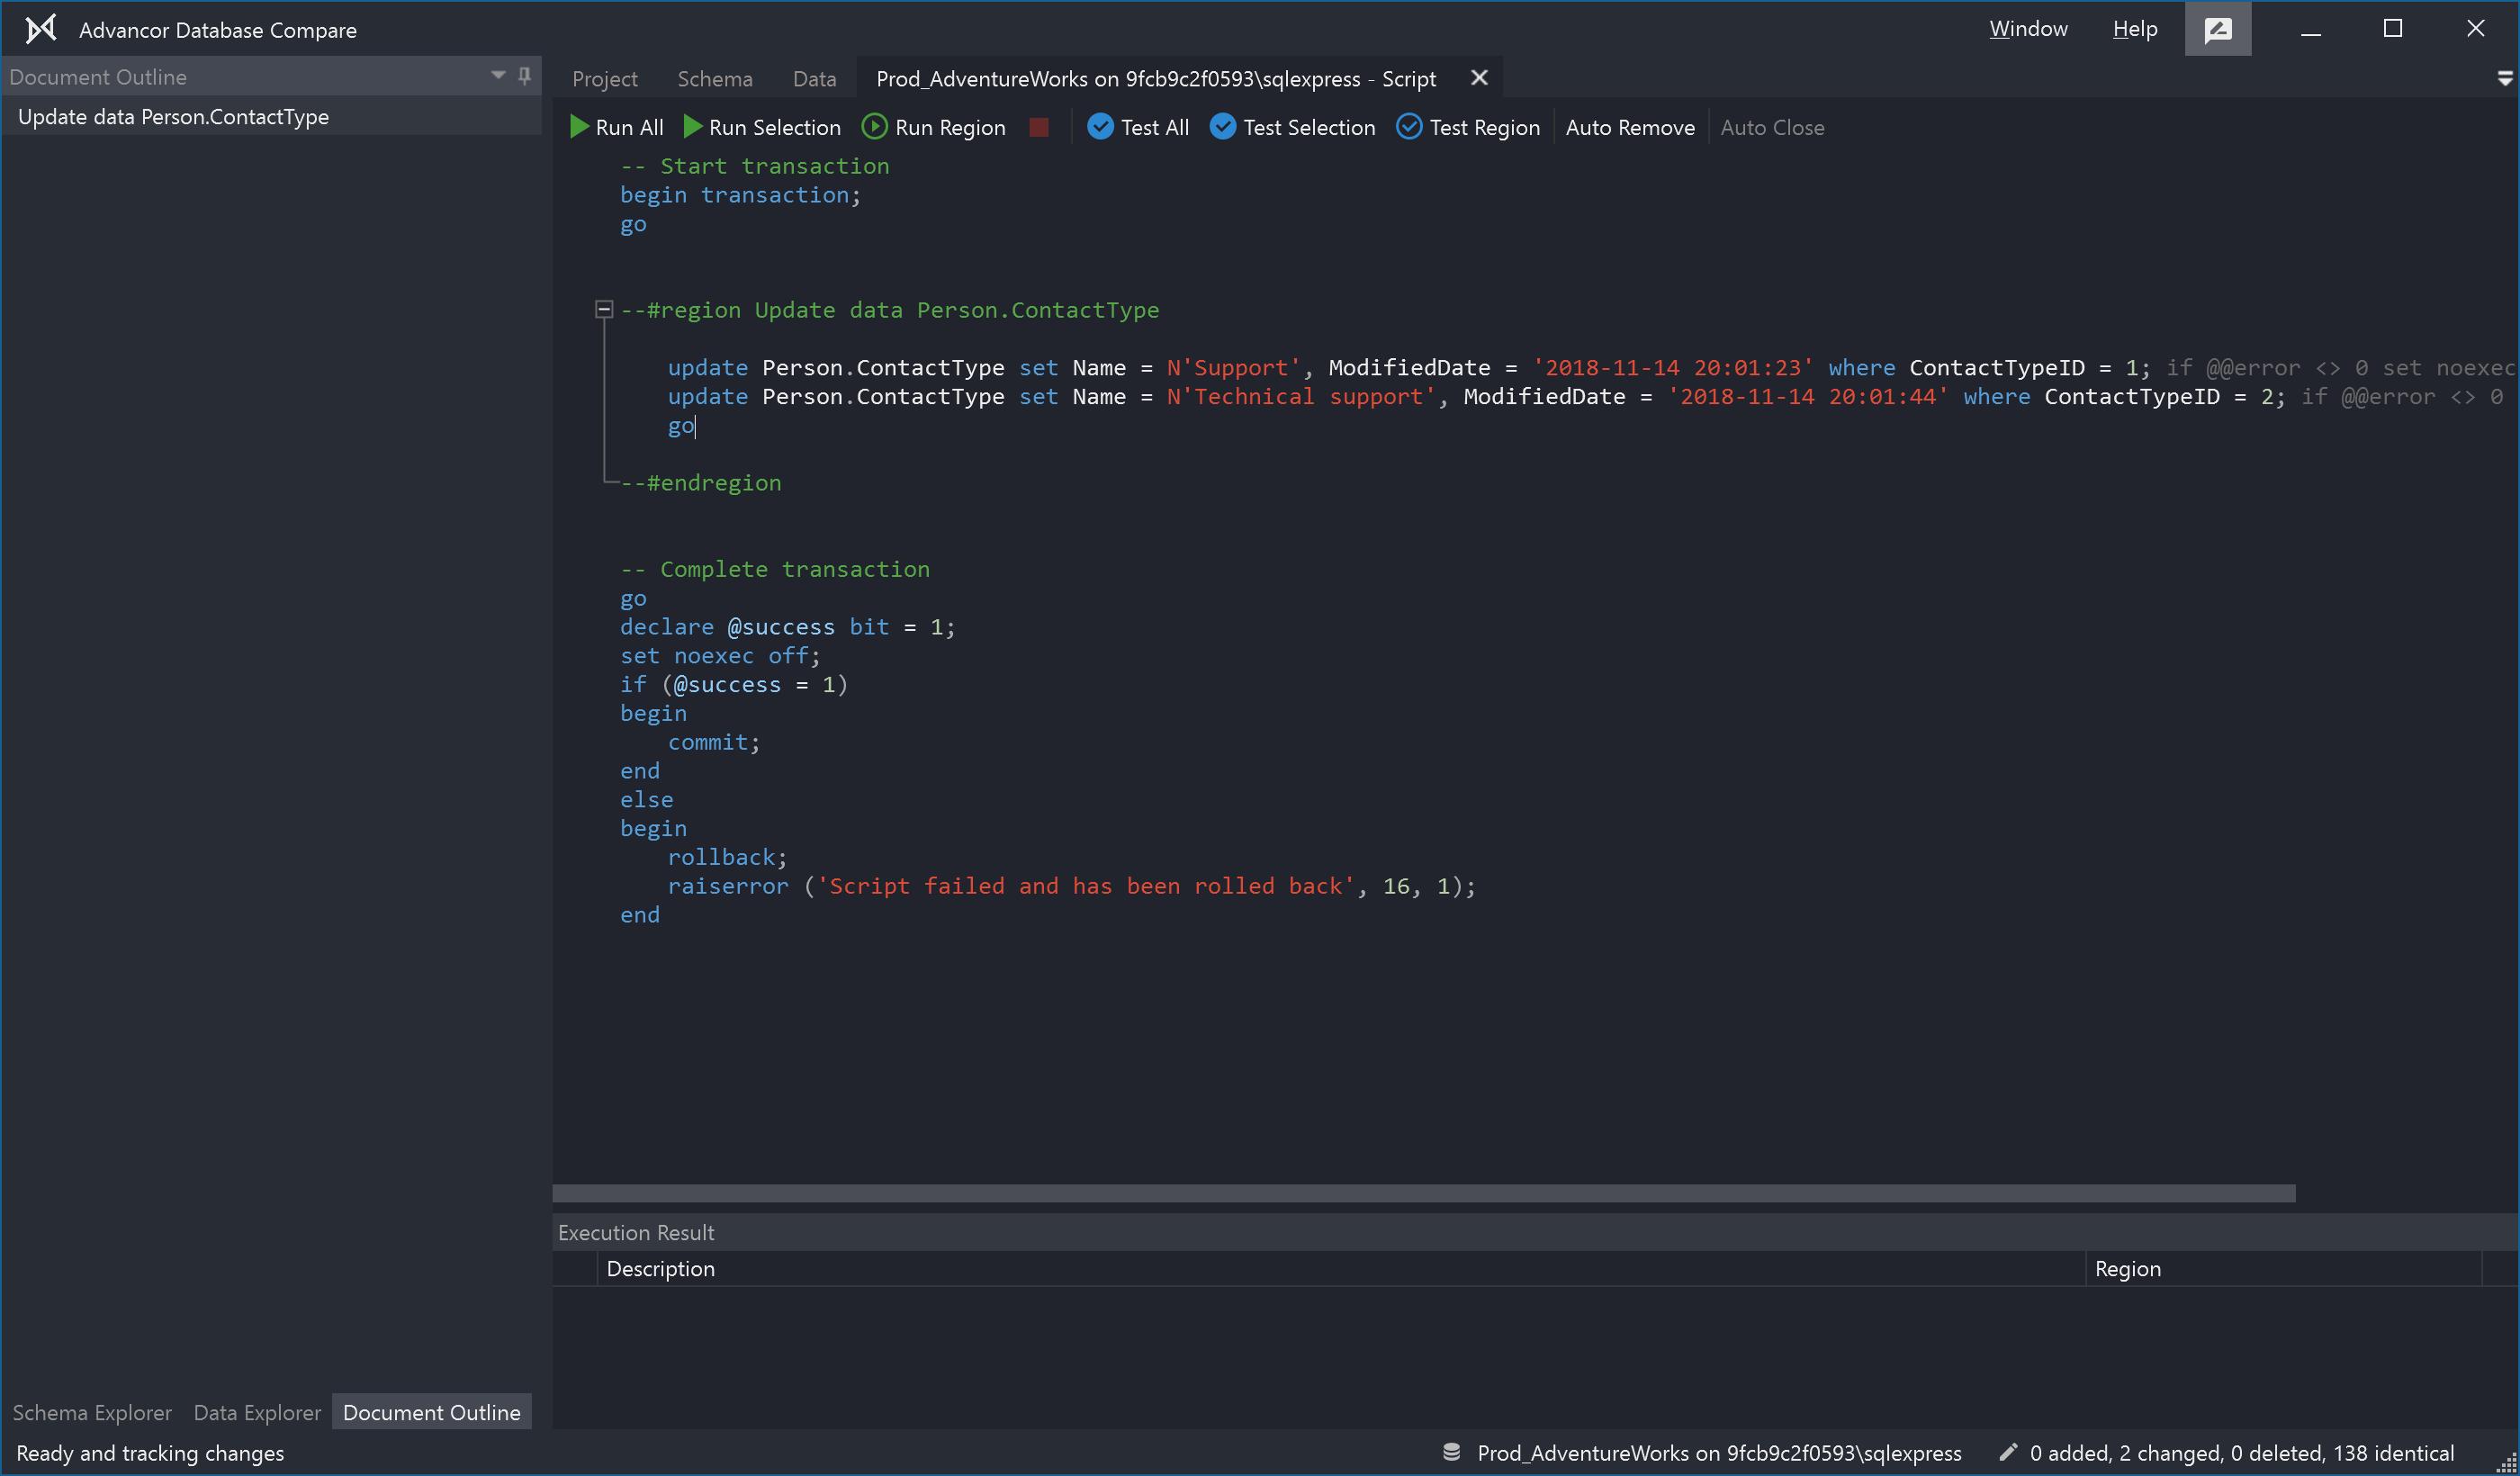 Script data changes